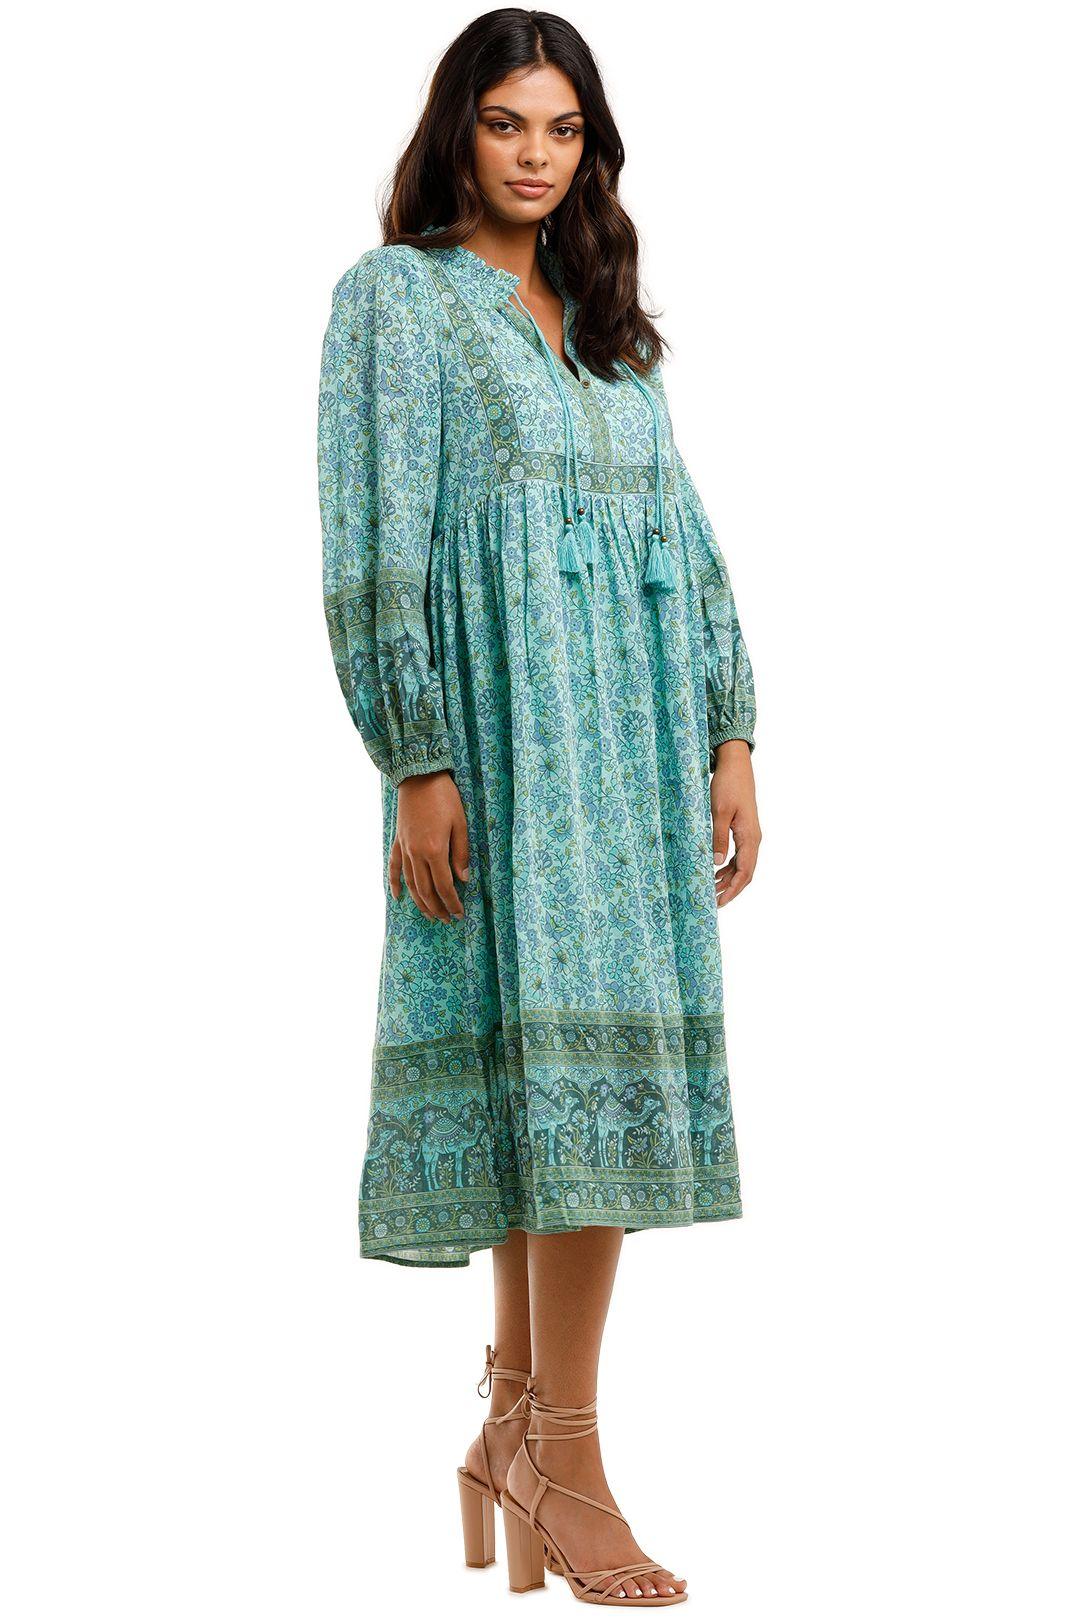 Spell Sundown Boho Dress Turquoise Blue